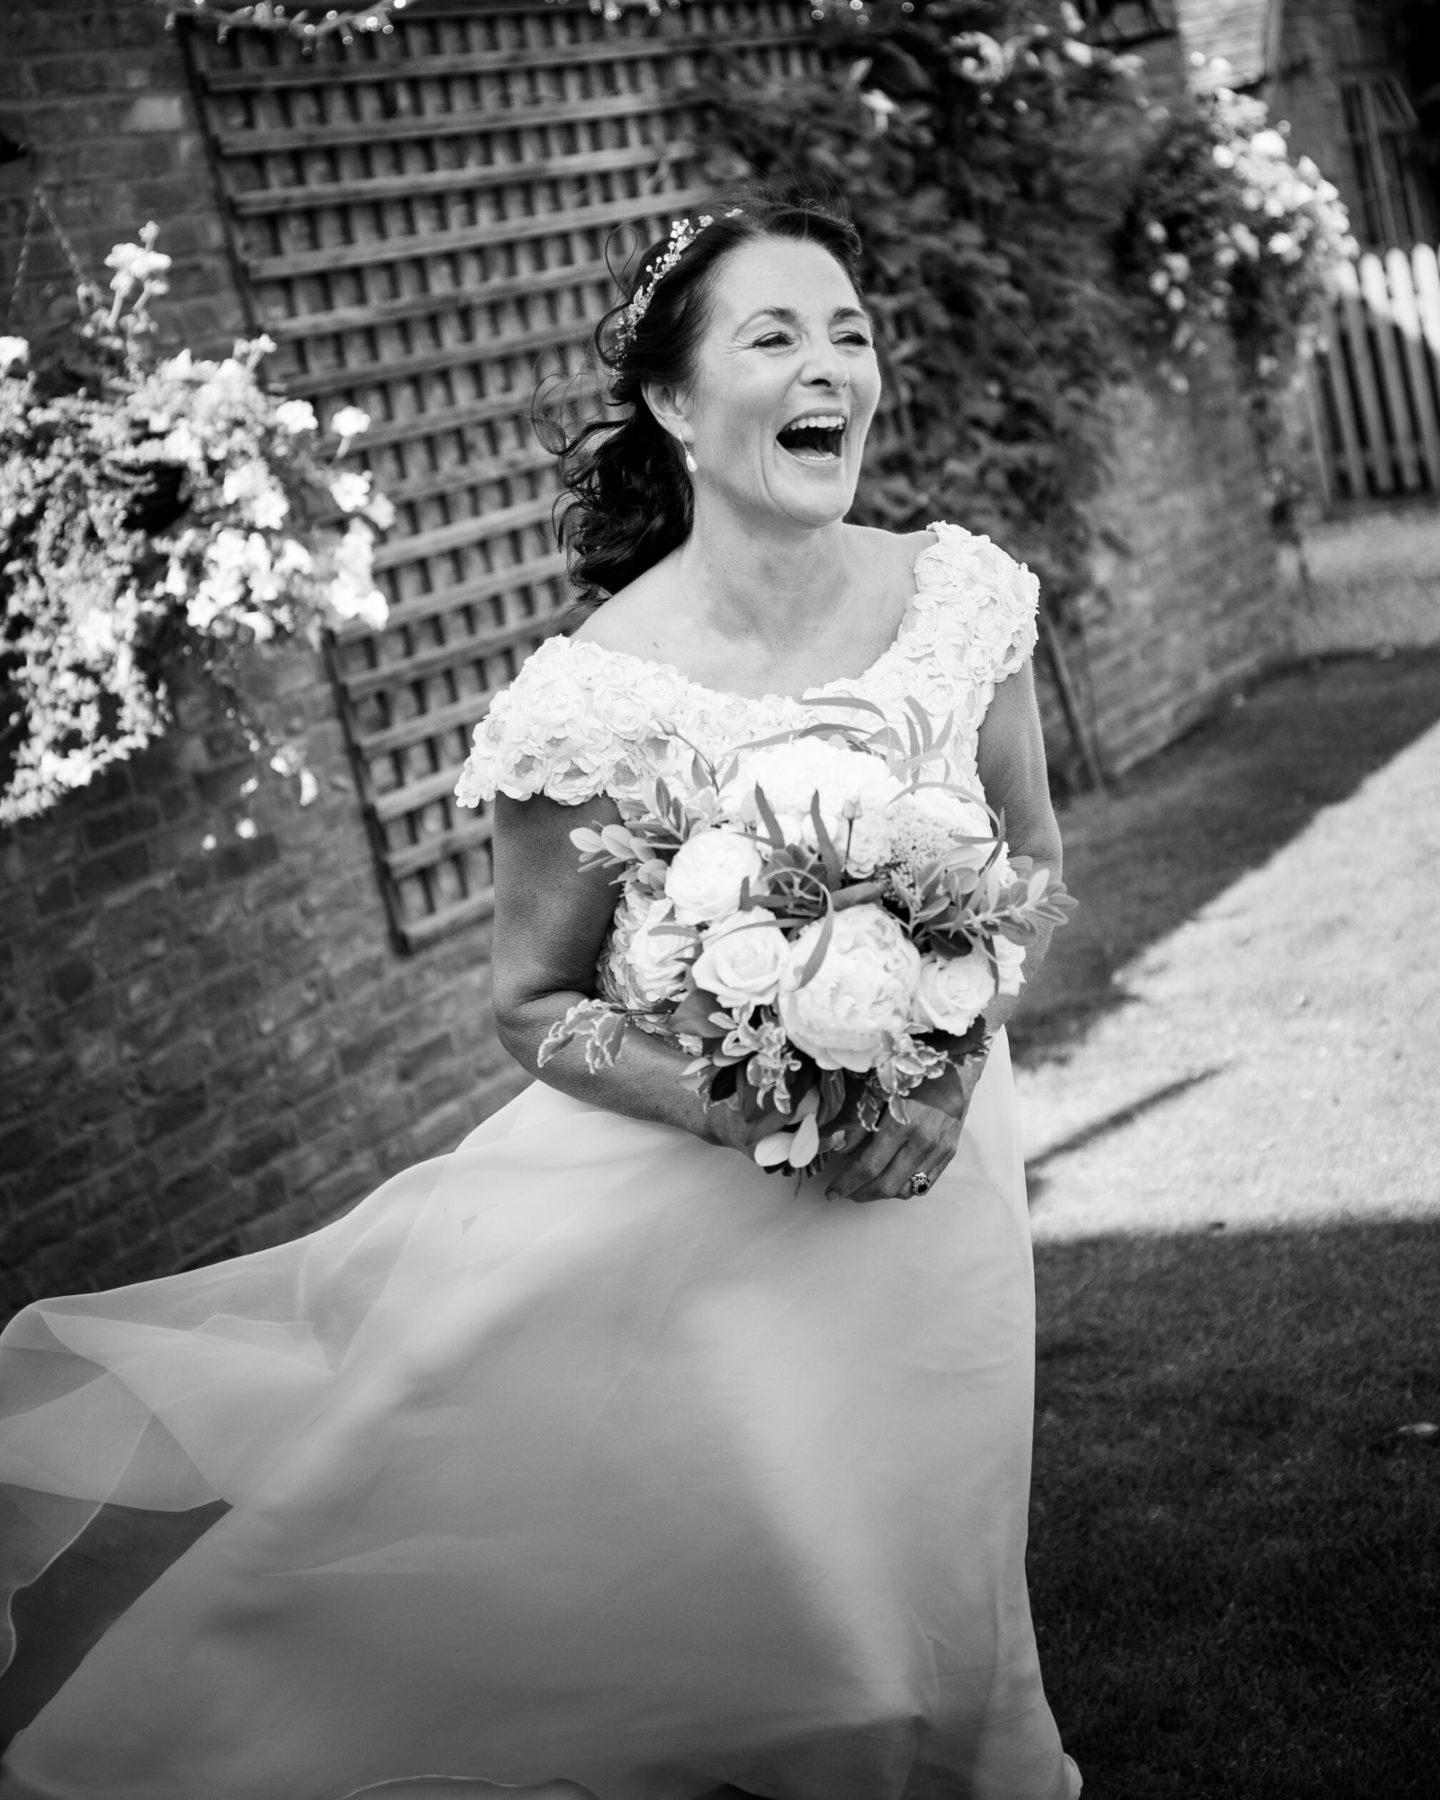 Boho Bride wearing bespoke wedding dress with lace bolero from Boho Bride